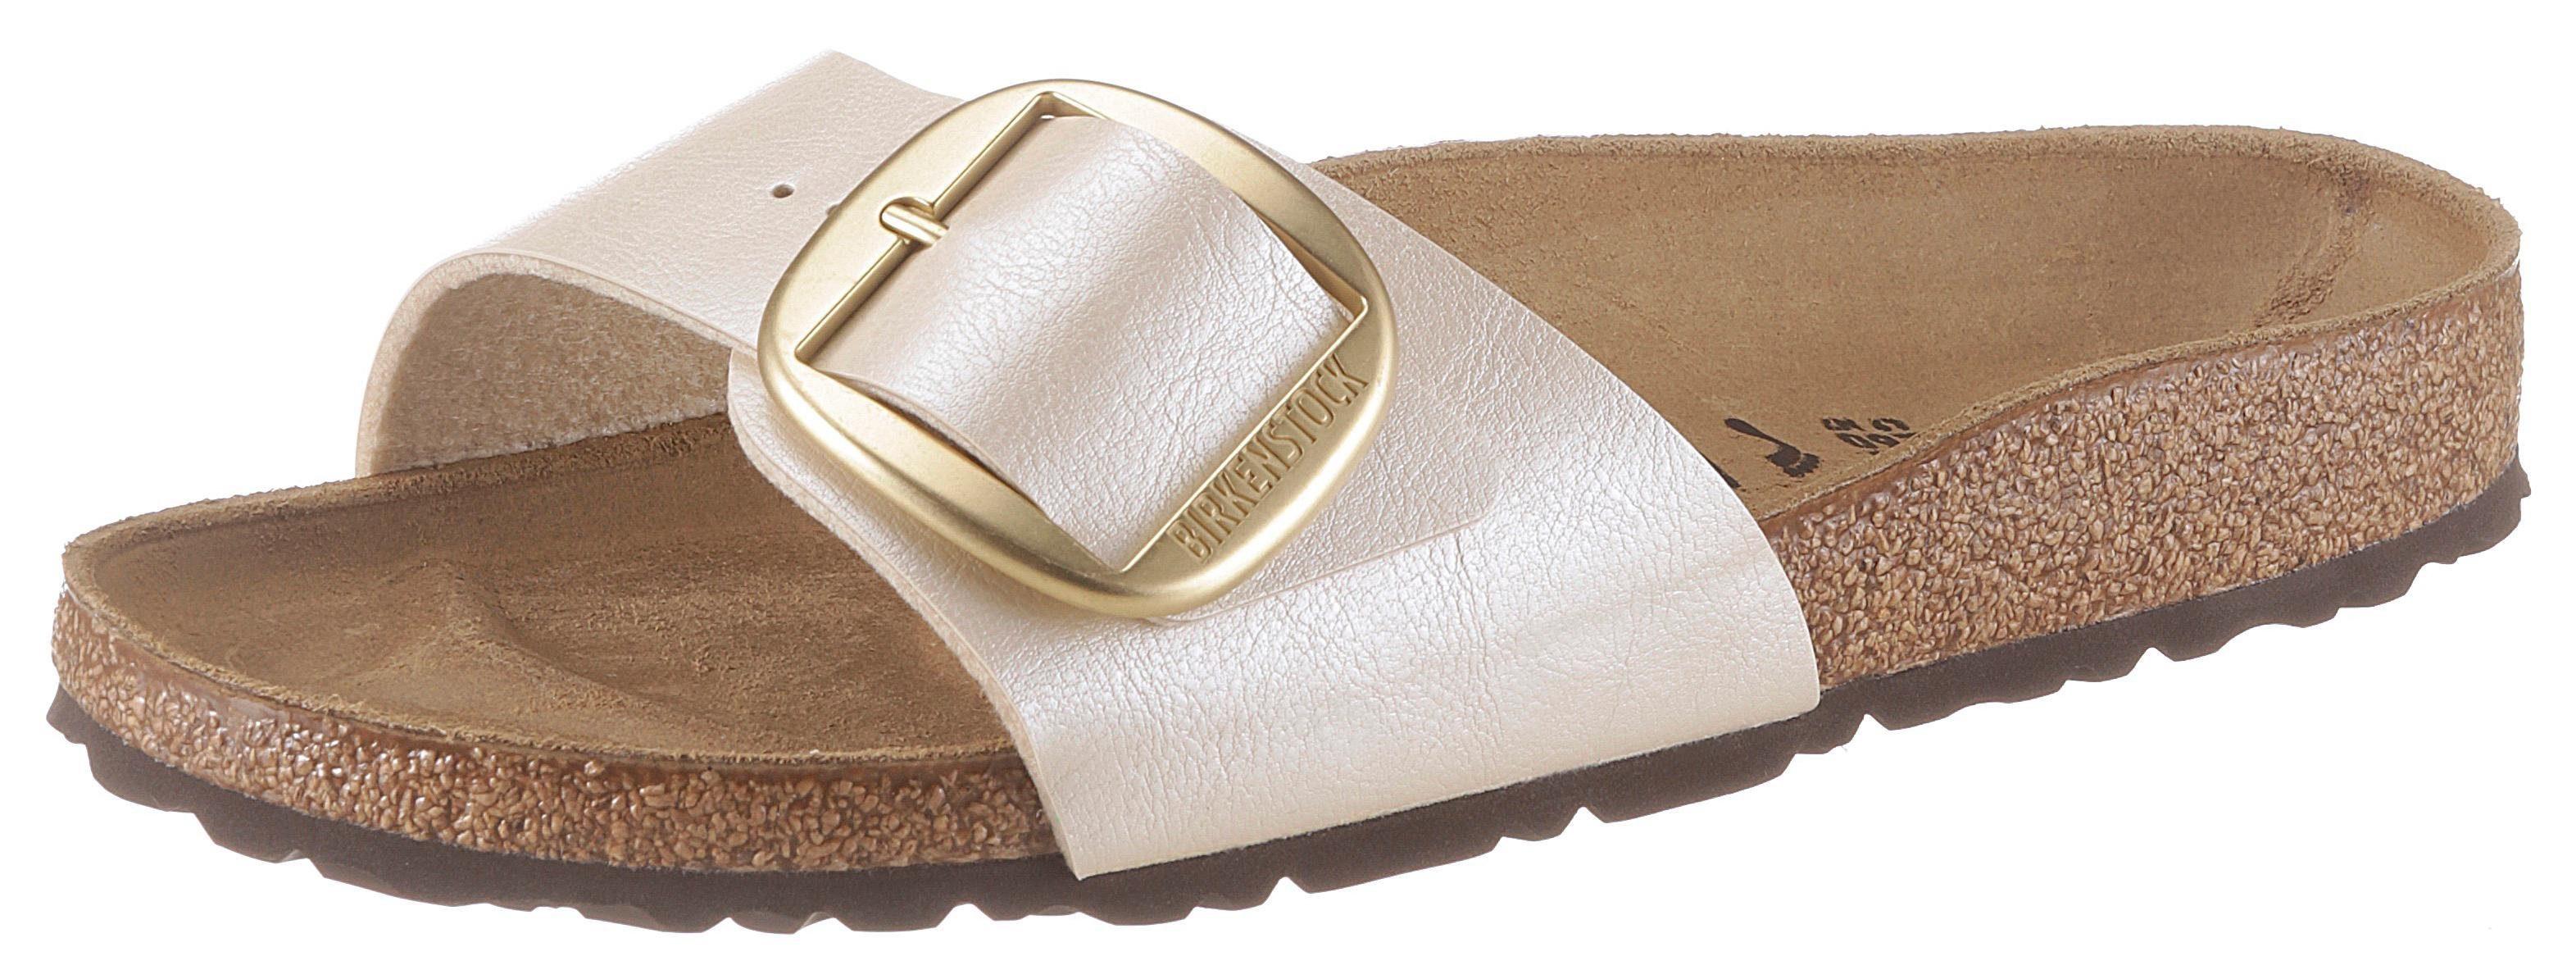 Birkenstock »Madrid« Pantolette mit auffälliger Schnalle, schmale Schuhweite